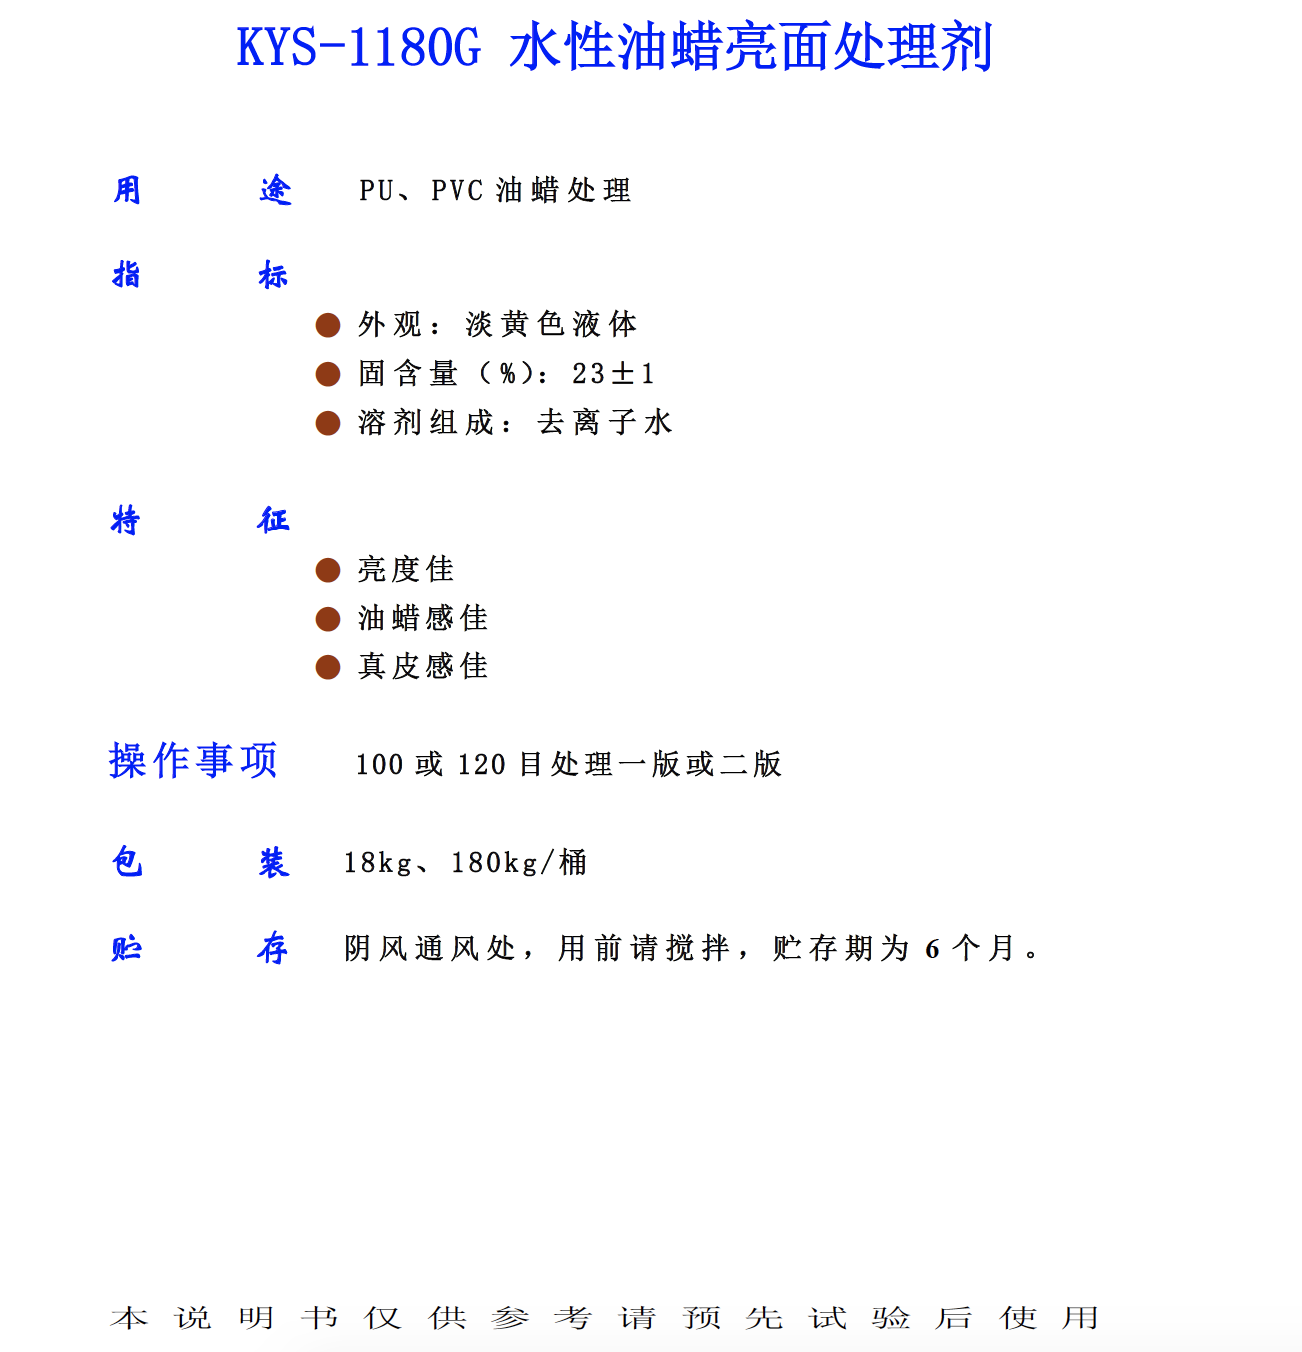 KYS 1180G 水性油蜡亮面处理剂